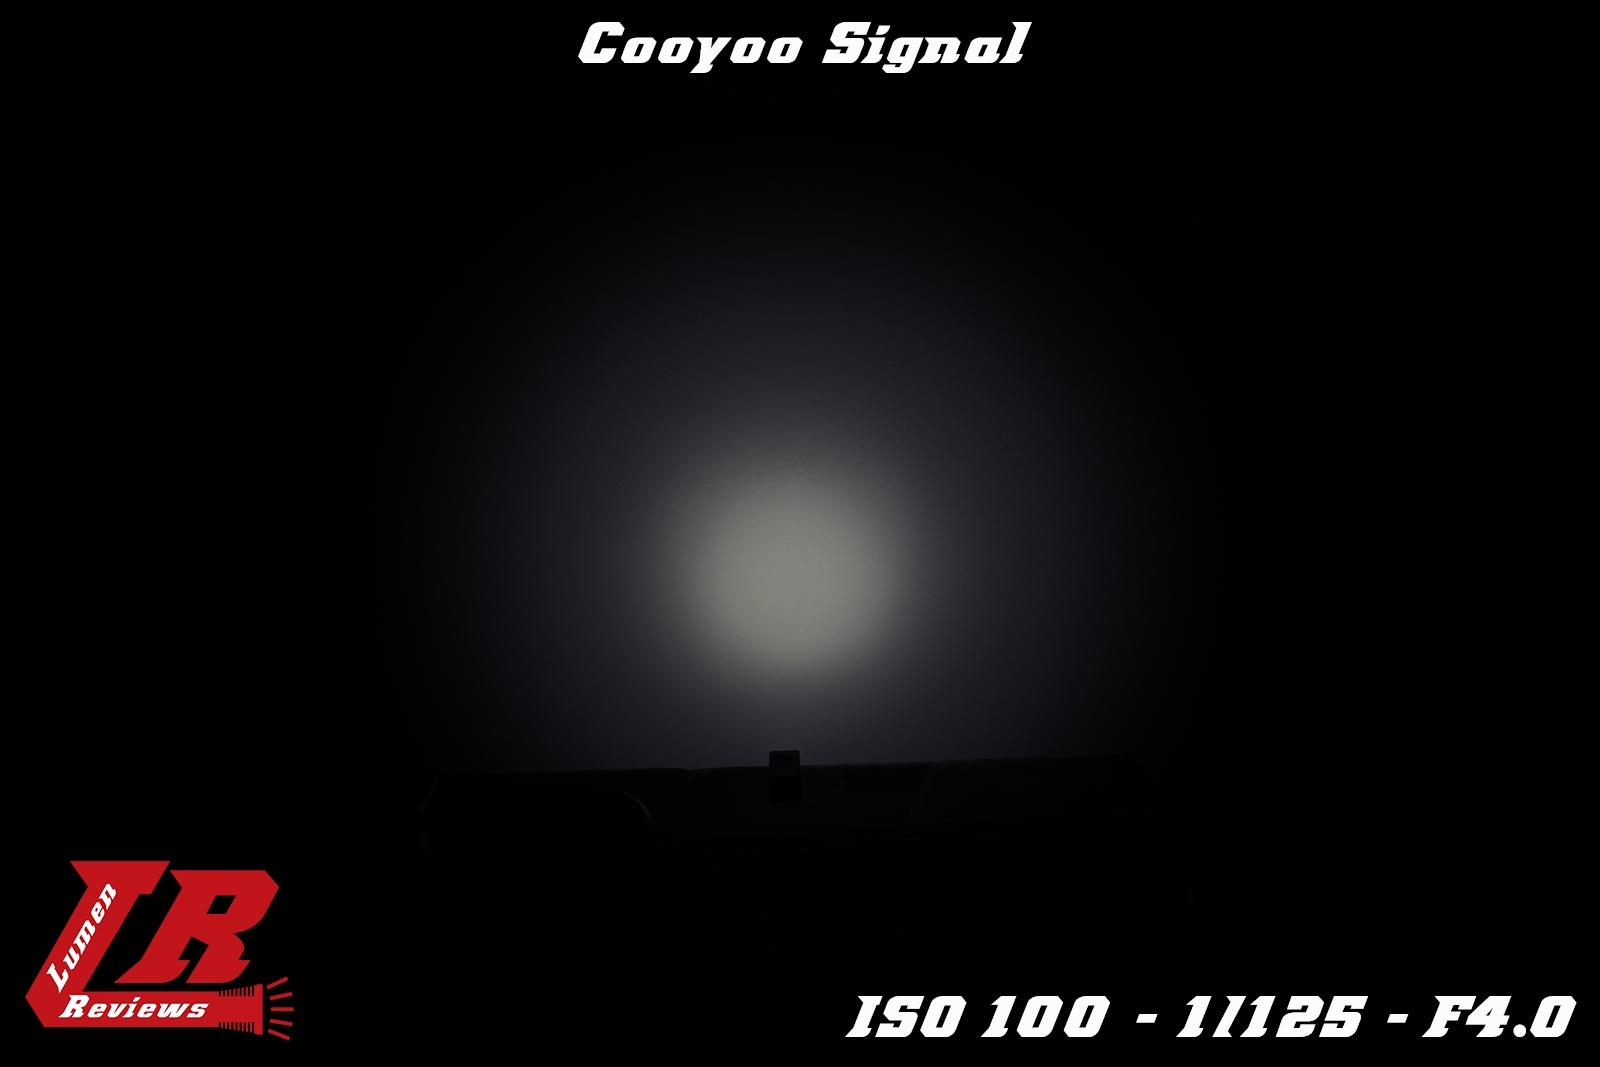 Cooyoo Usignal 17